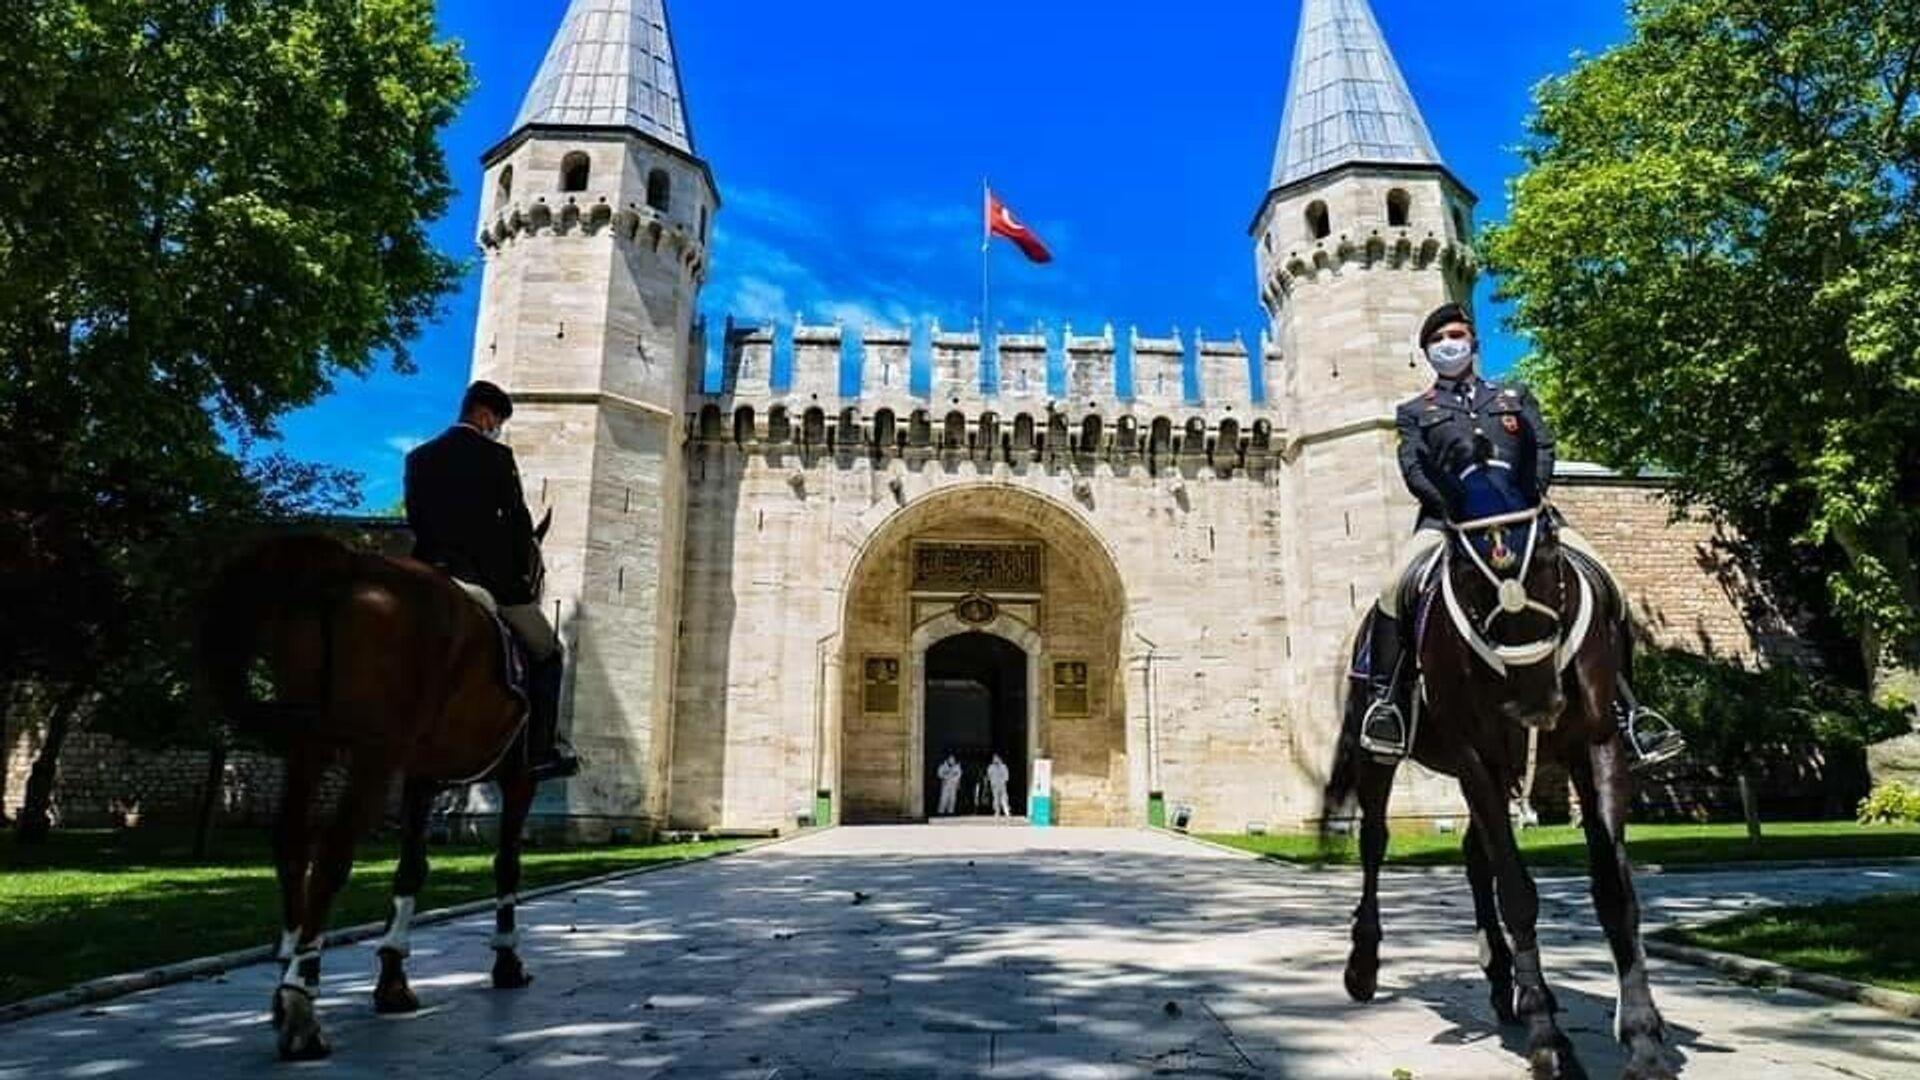 Султанский дворец Топкапы в Стамбуле - РИА Новости, 1920, 18.11.2020